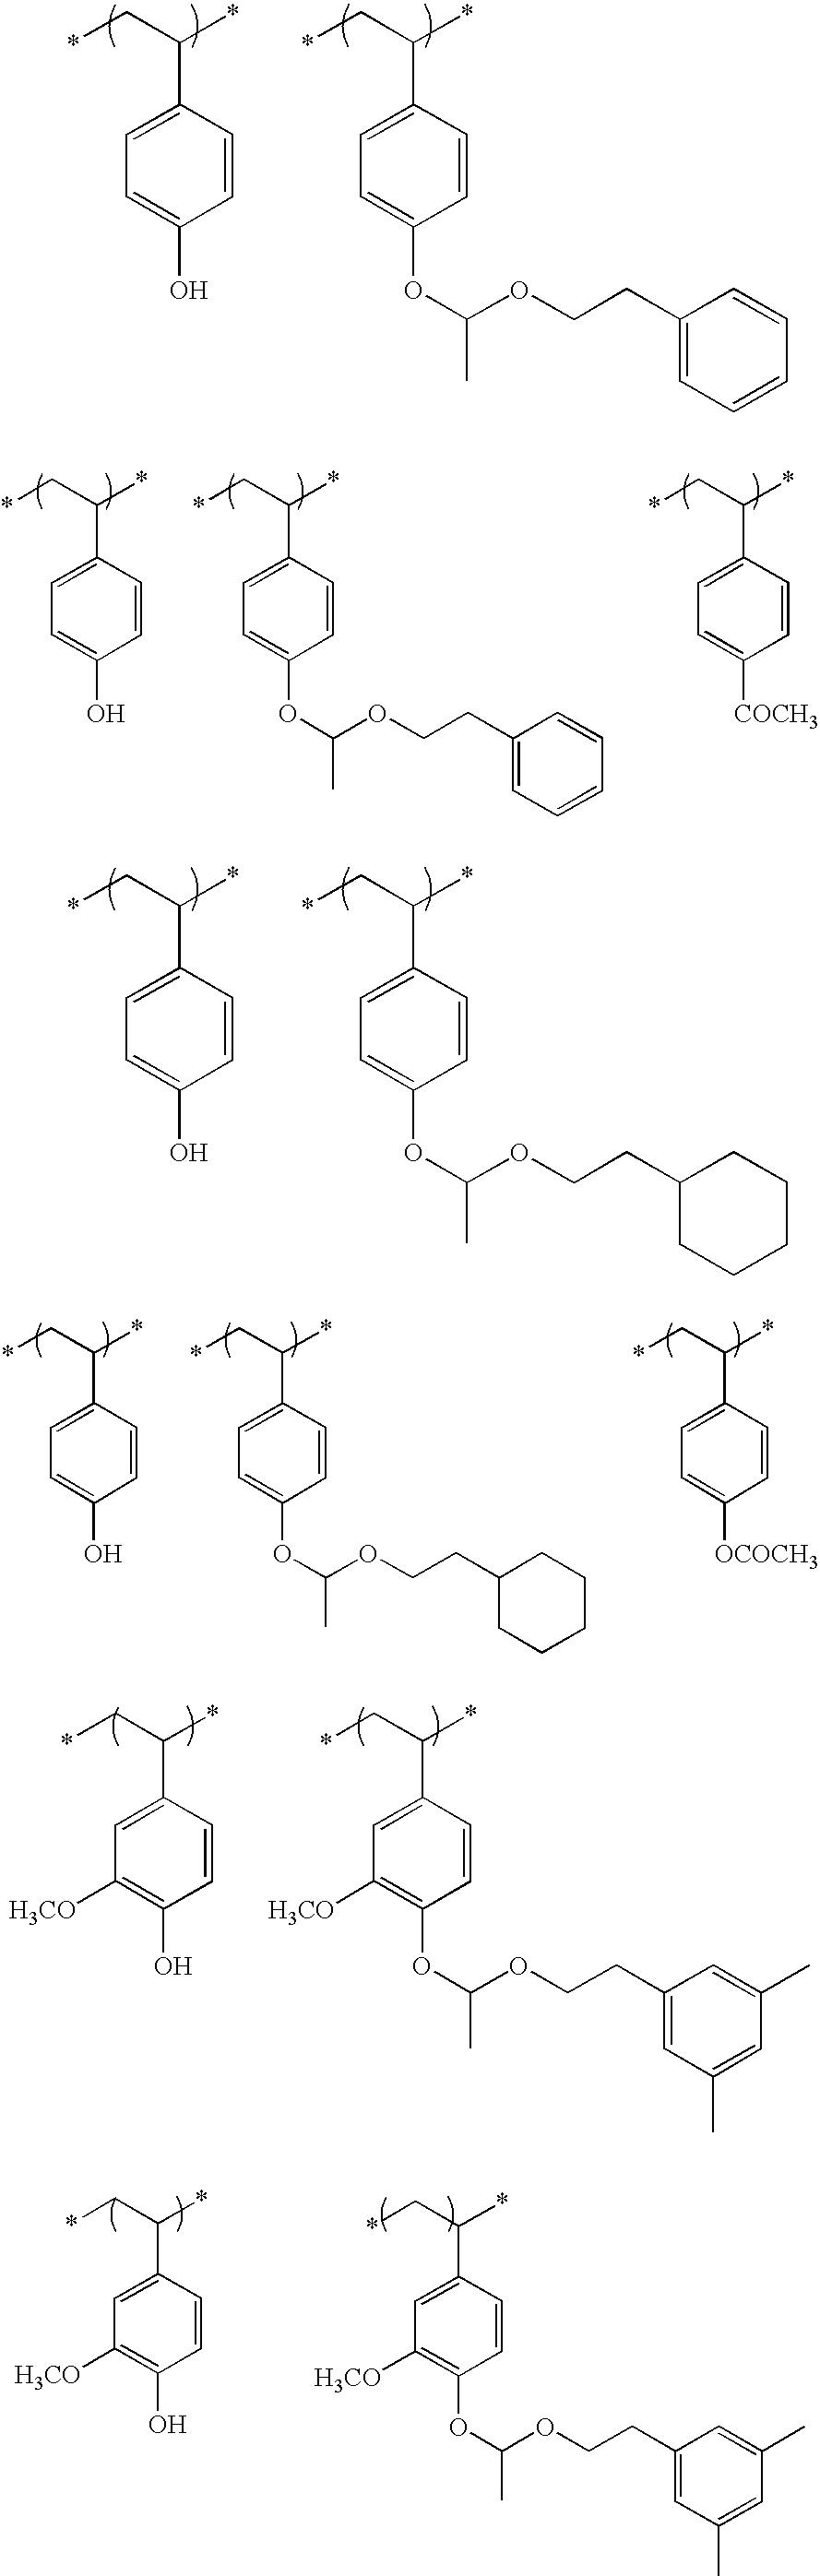 Figure US20100183975A1-20100722-C00212